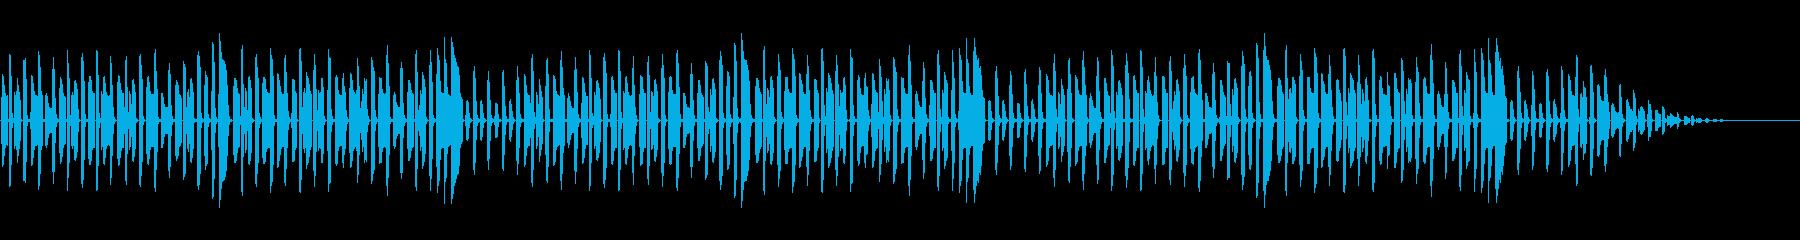 童謡「もみじ」脱力系アレンジの再生済みの波形